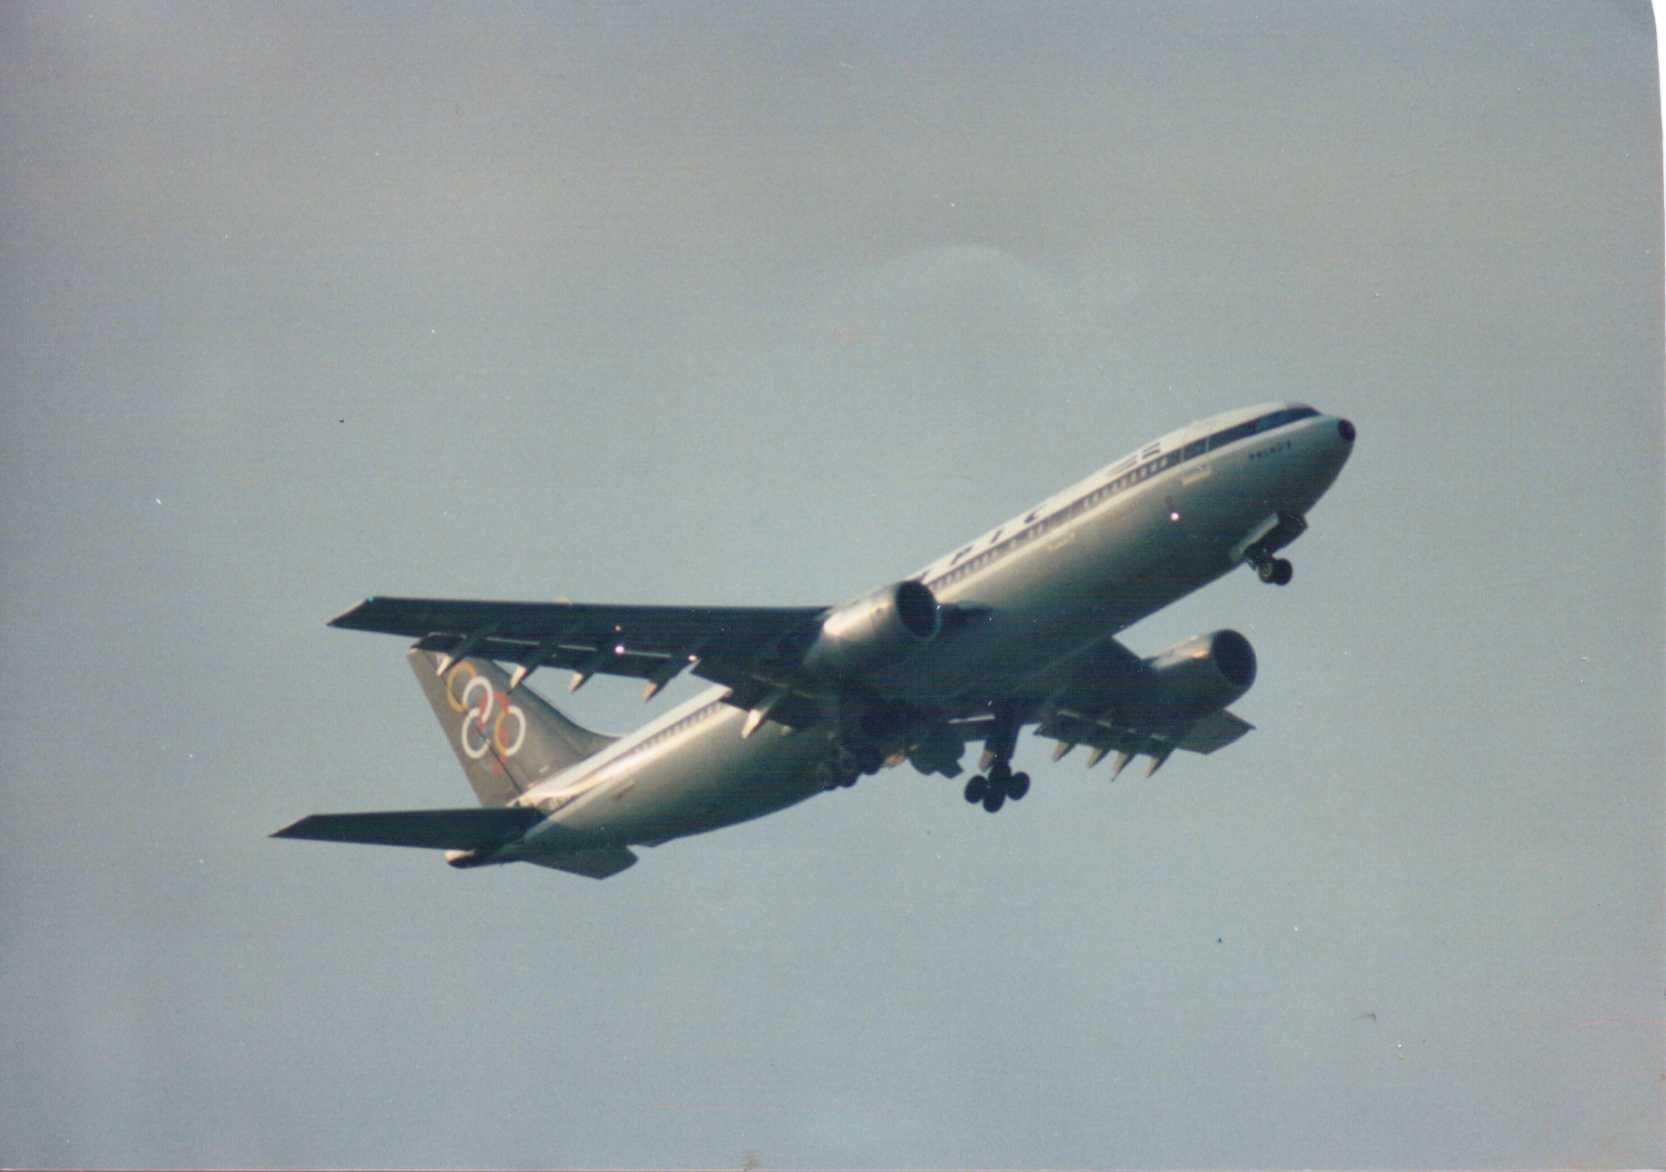 AviationStack